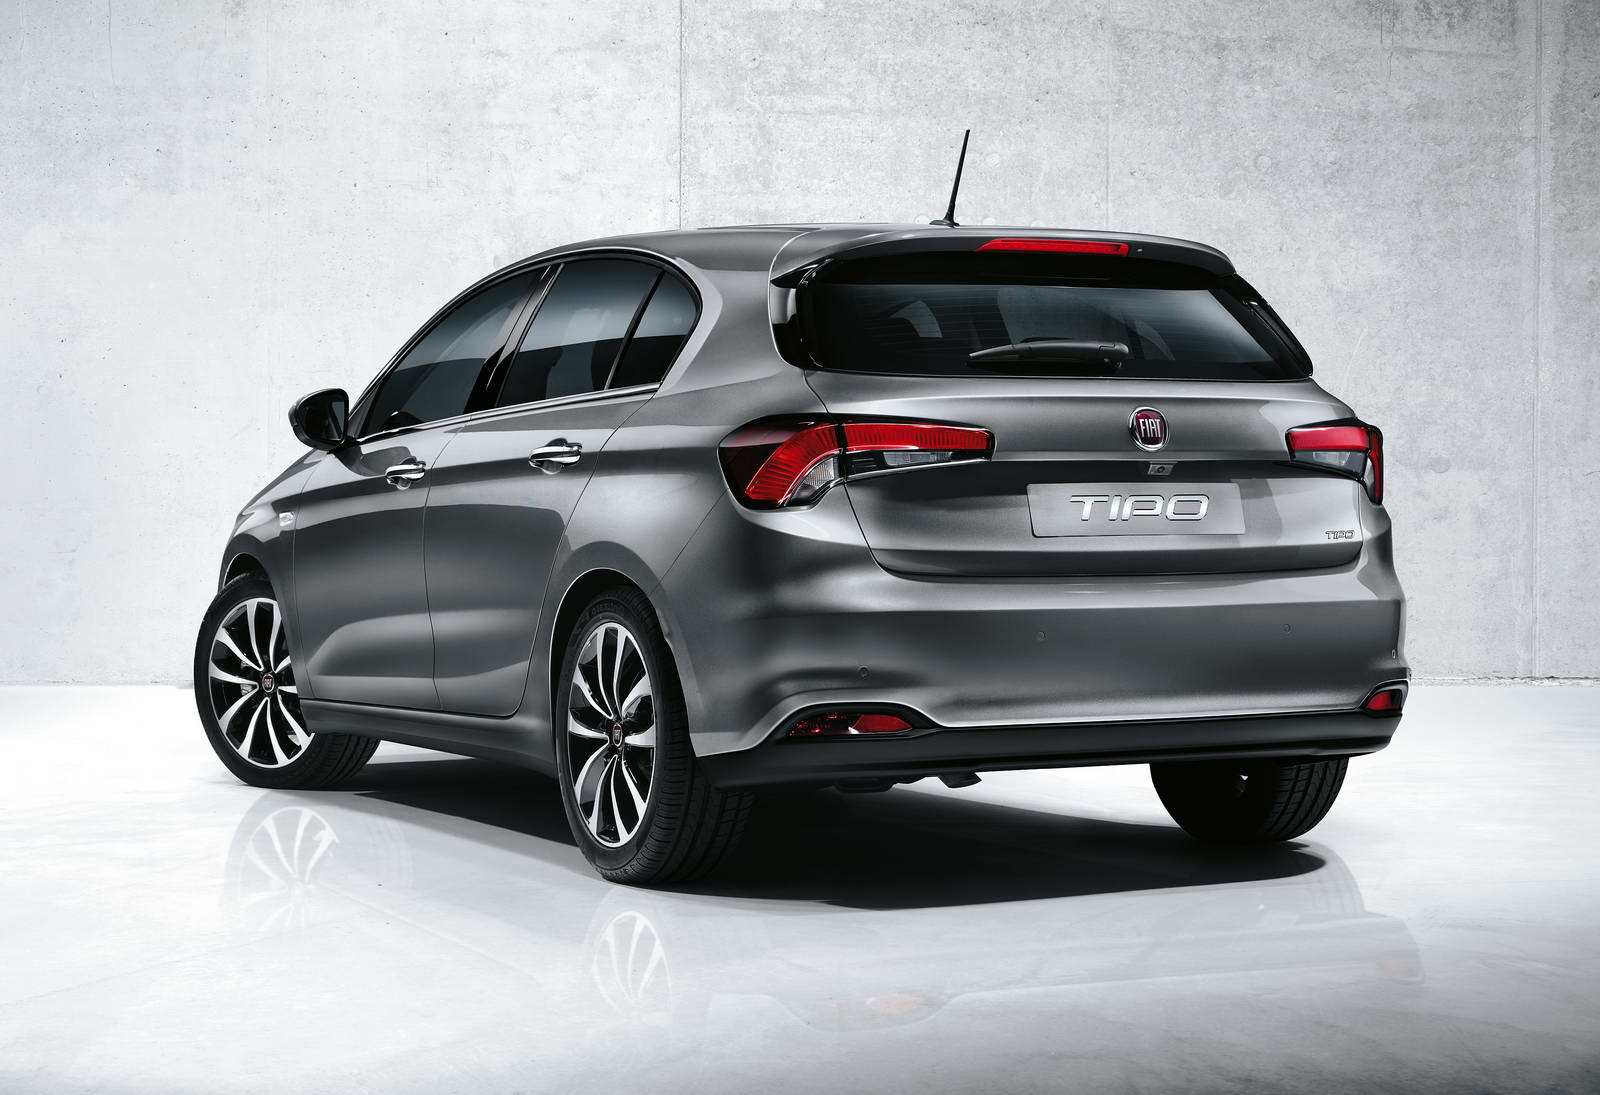 Nuova-Fiat-Tipo-berlina-hatchback-5-porte-2016-3